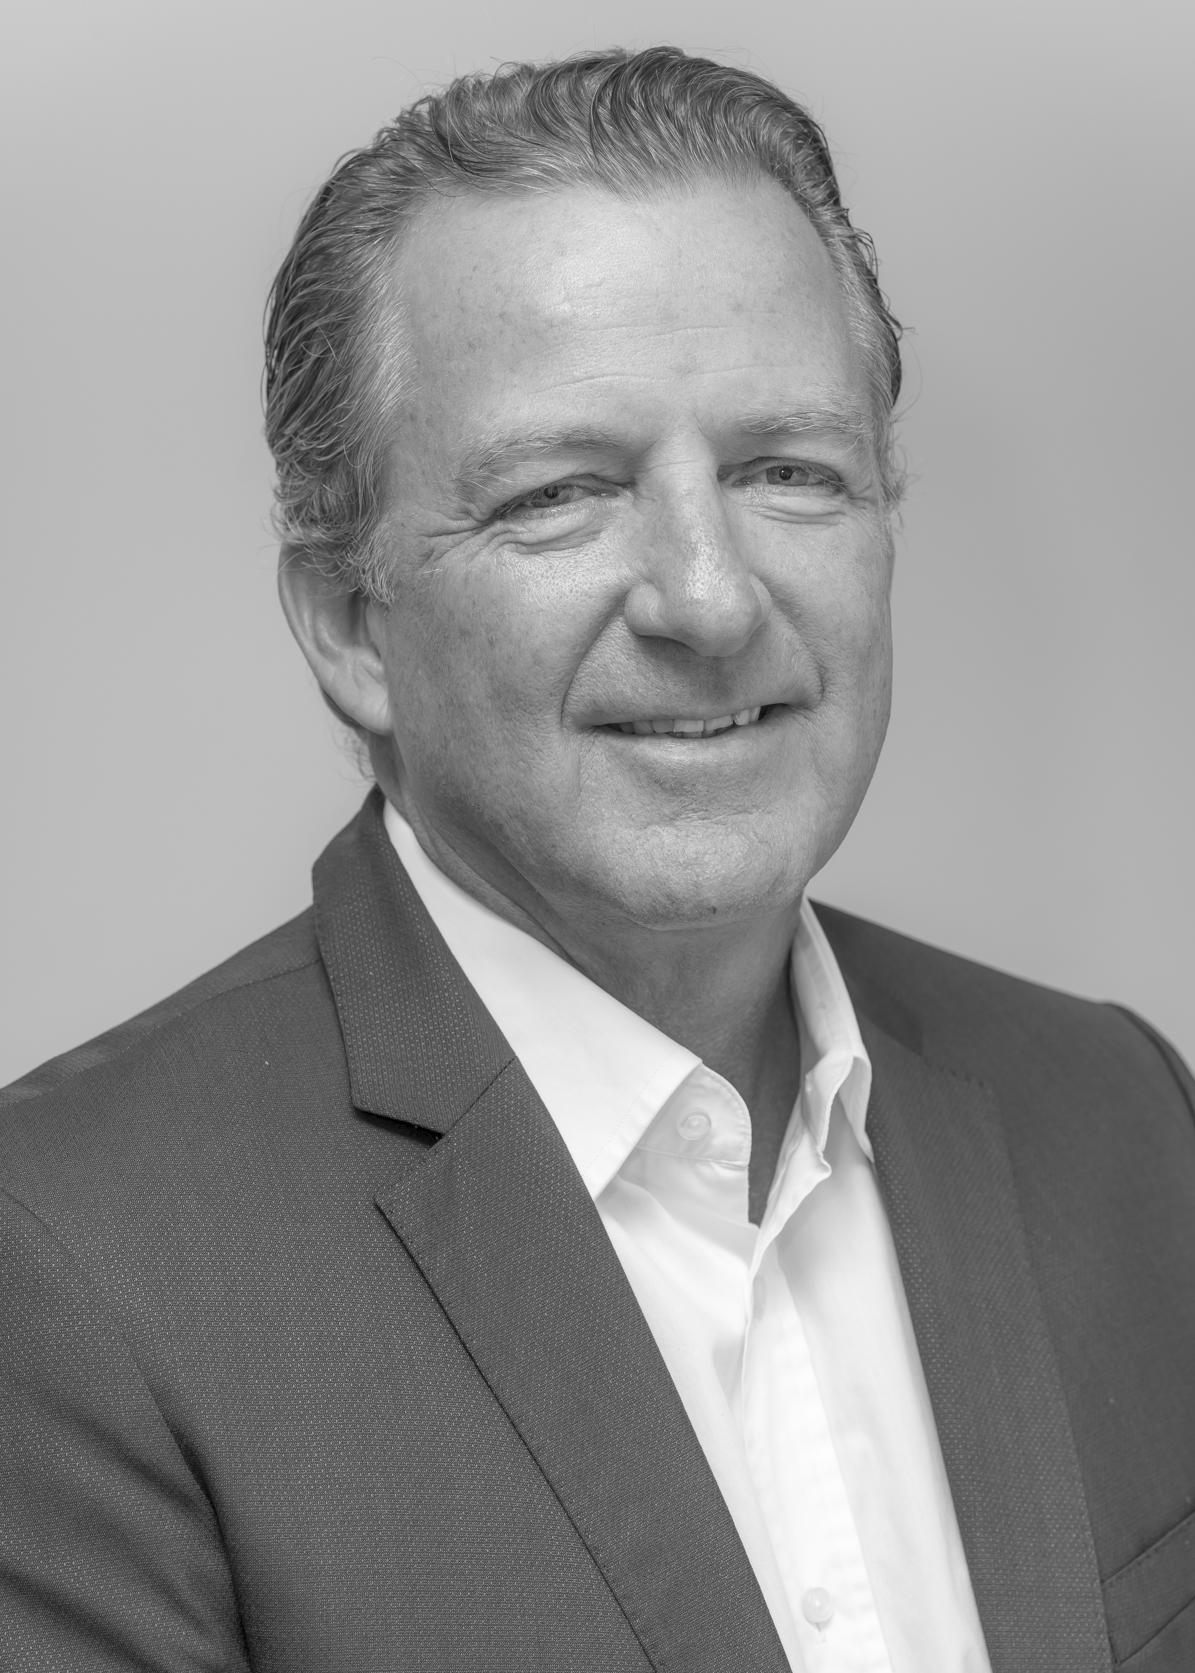 Marco Ehrenberg